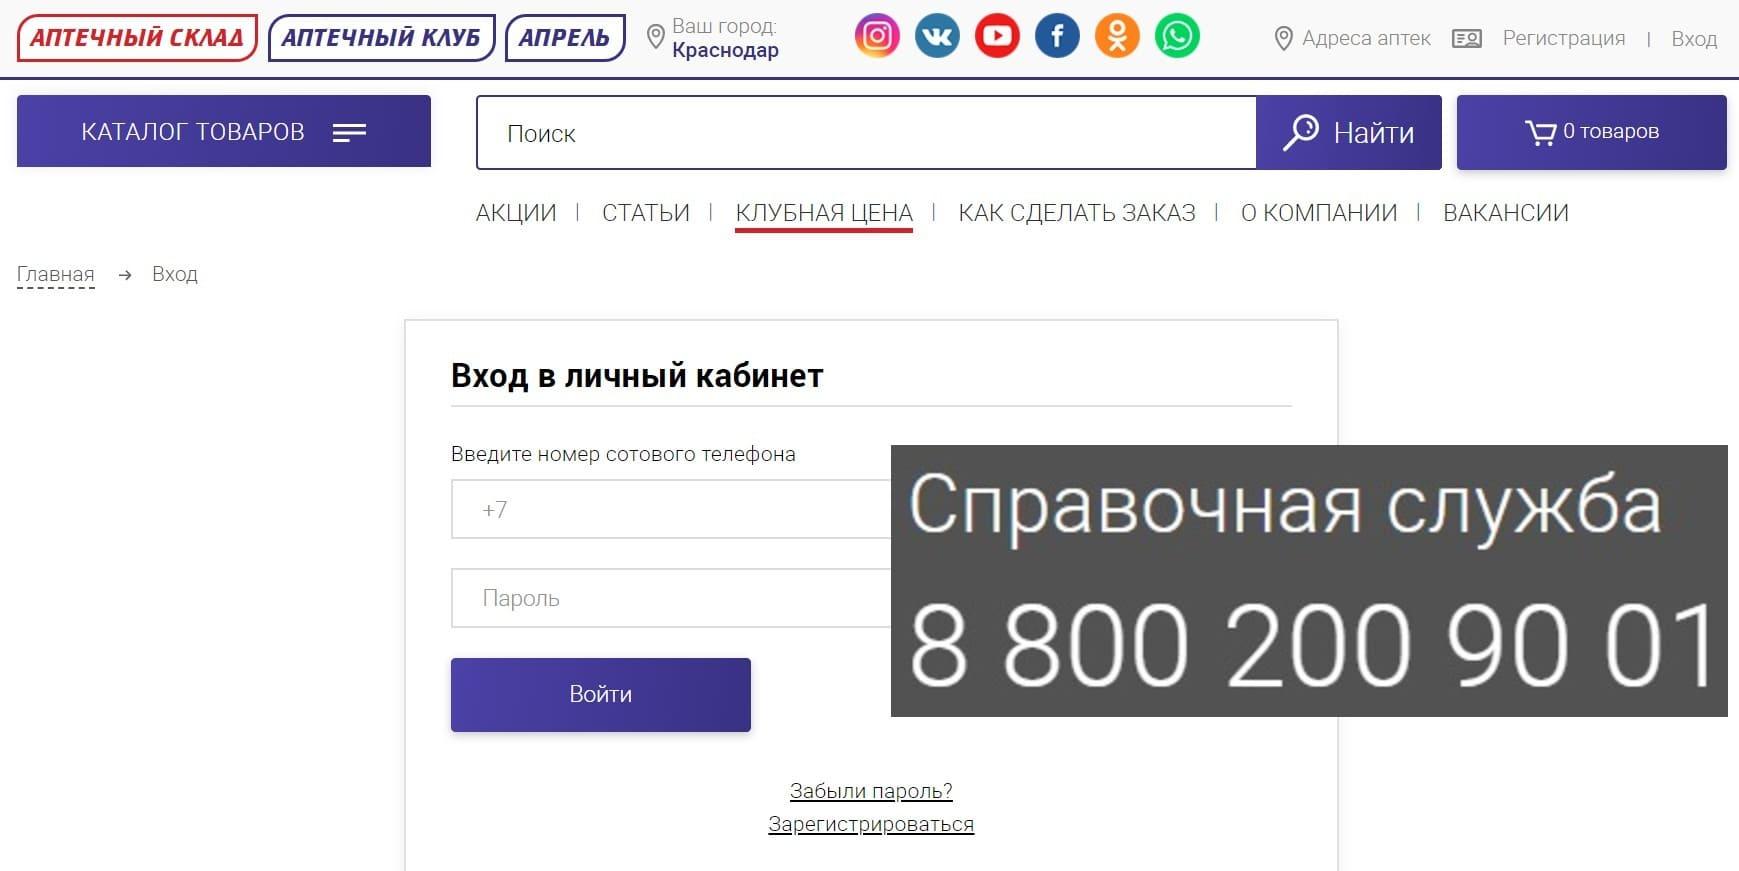 apteka-april.ru личный кабинет